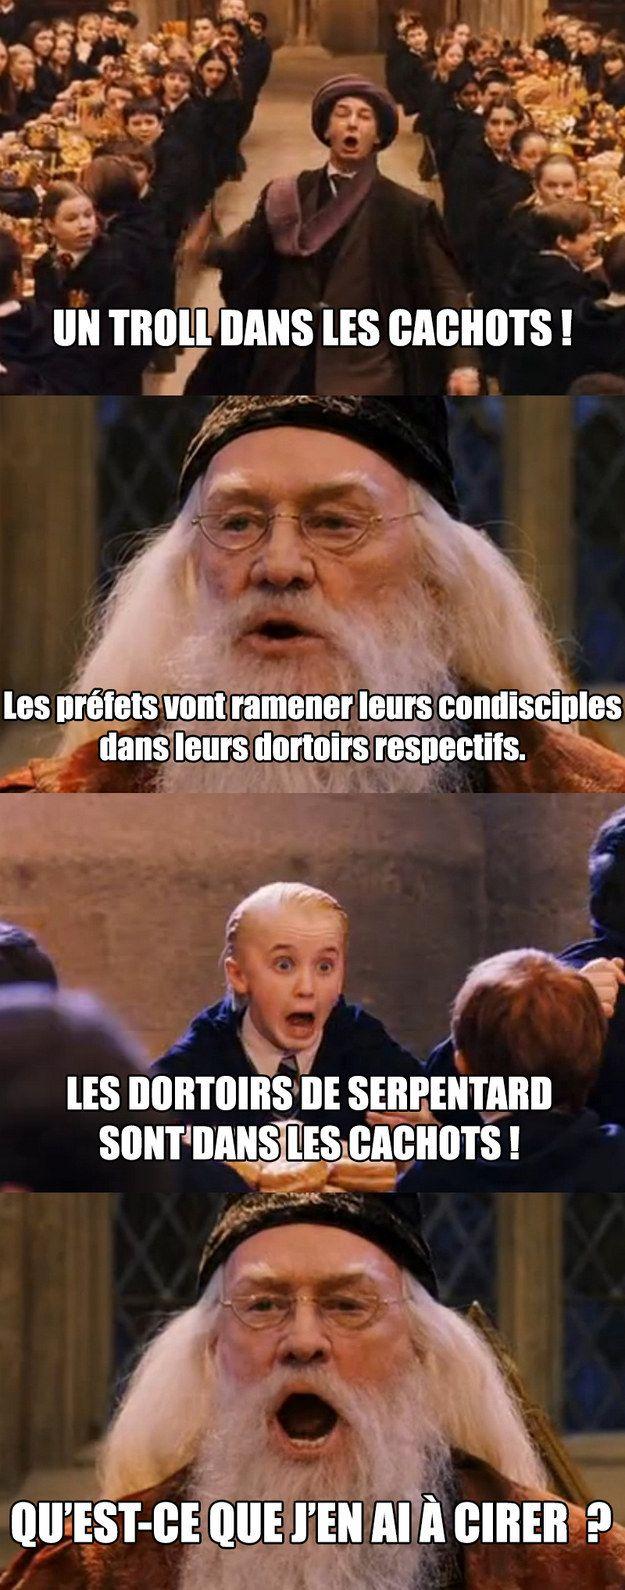 La tête de Malfoy!! Trop Lol!!